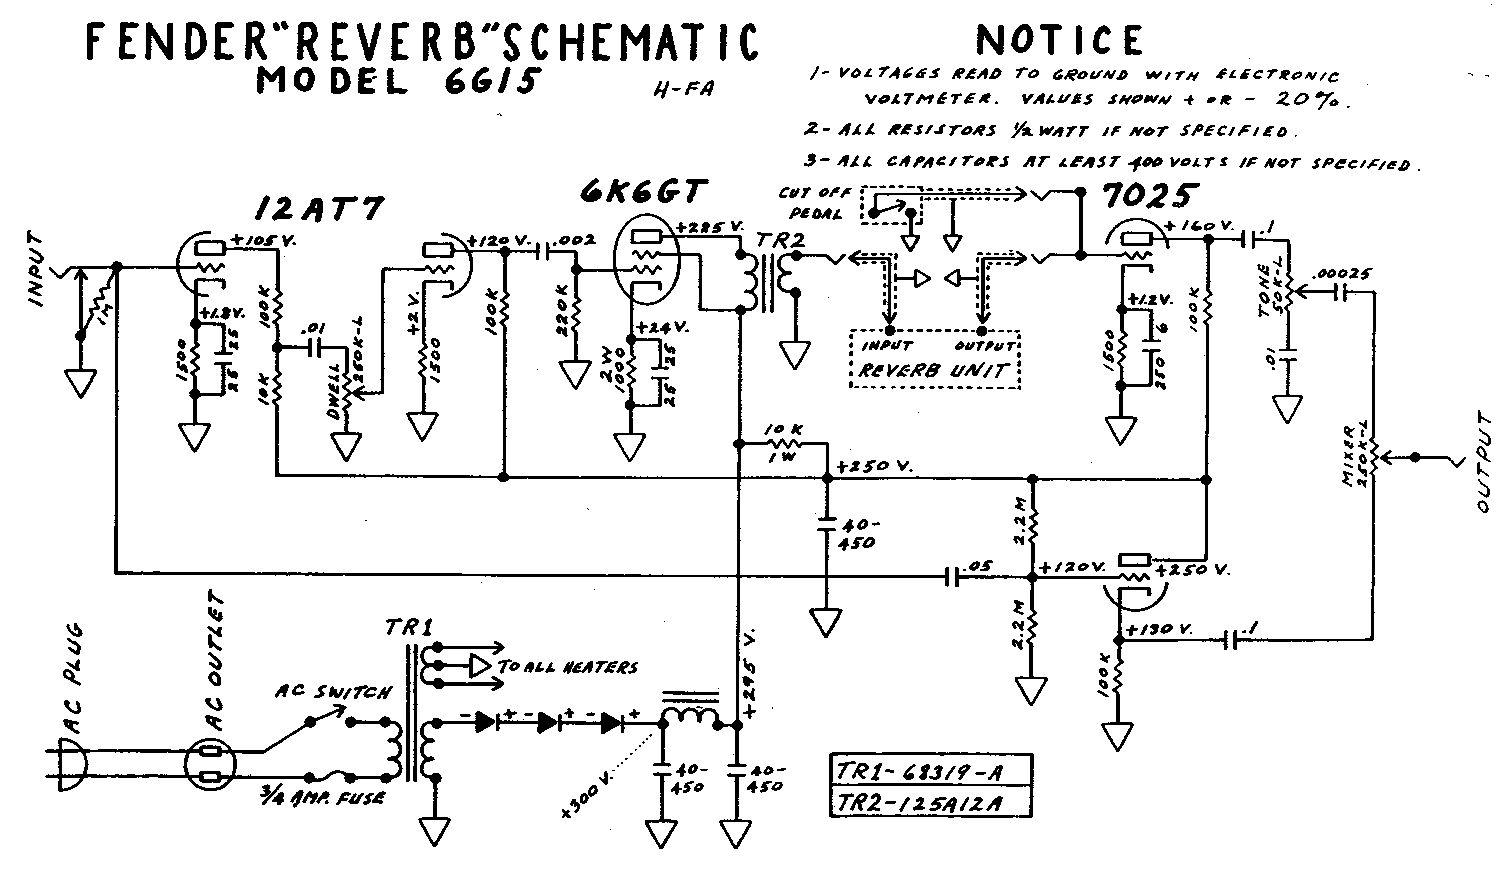 Схема Fender-Reverb 6G15